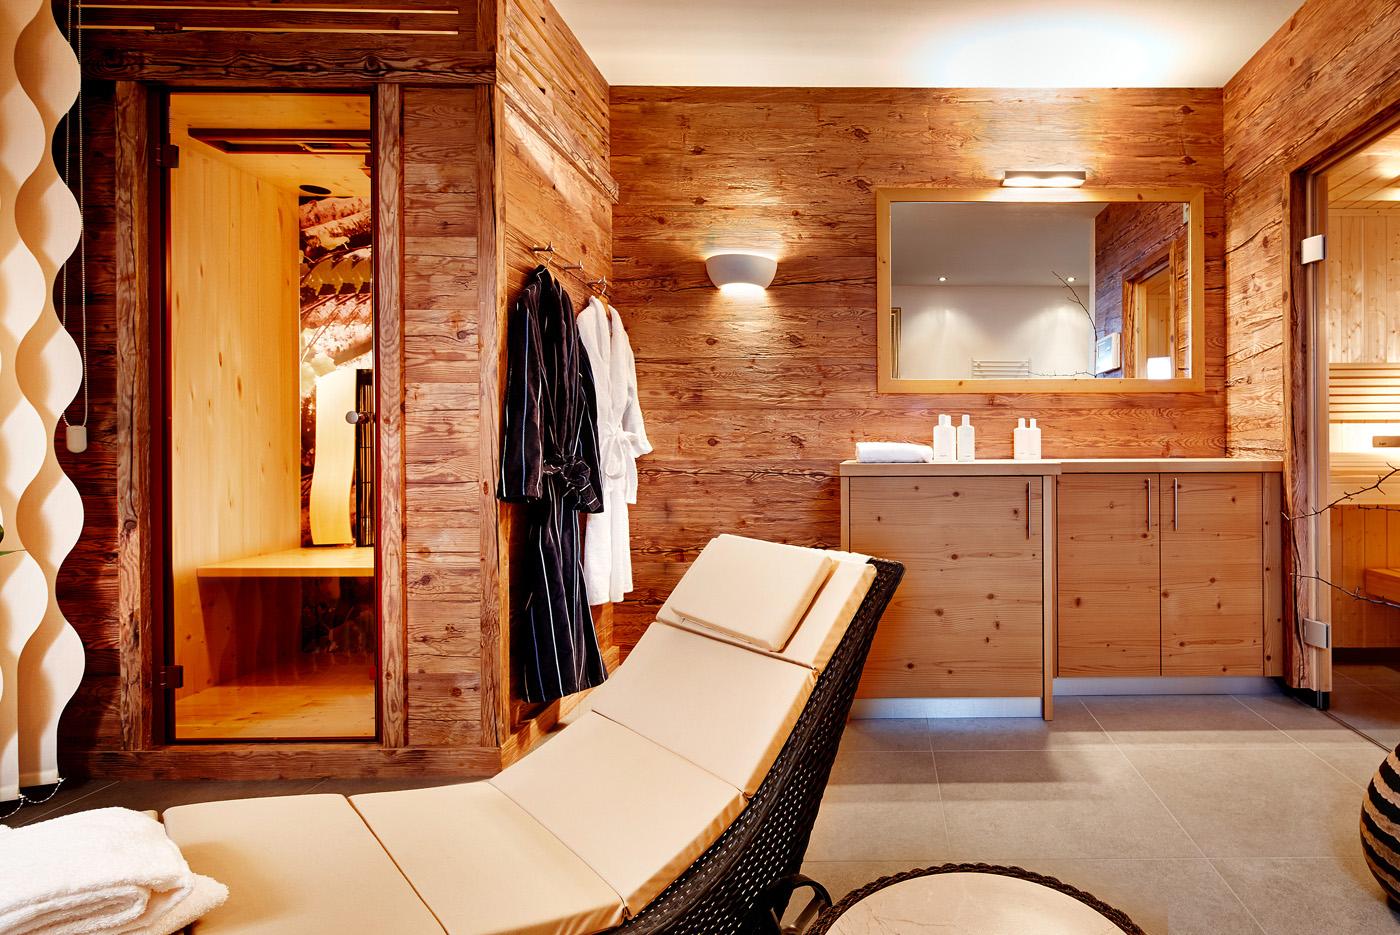 presse stainer sun wood. Black Bedroom Furniture Sets. Home Design Ideas